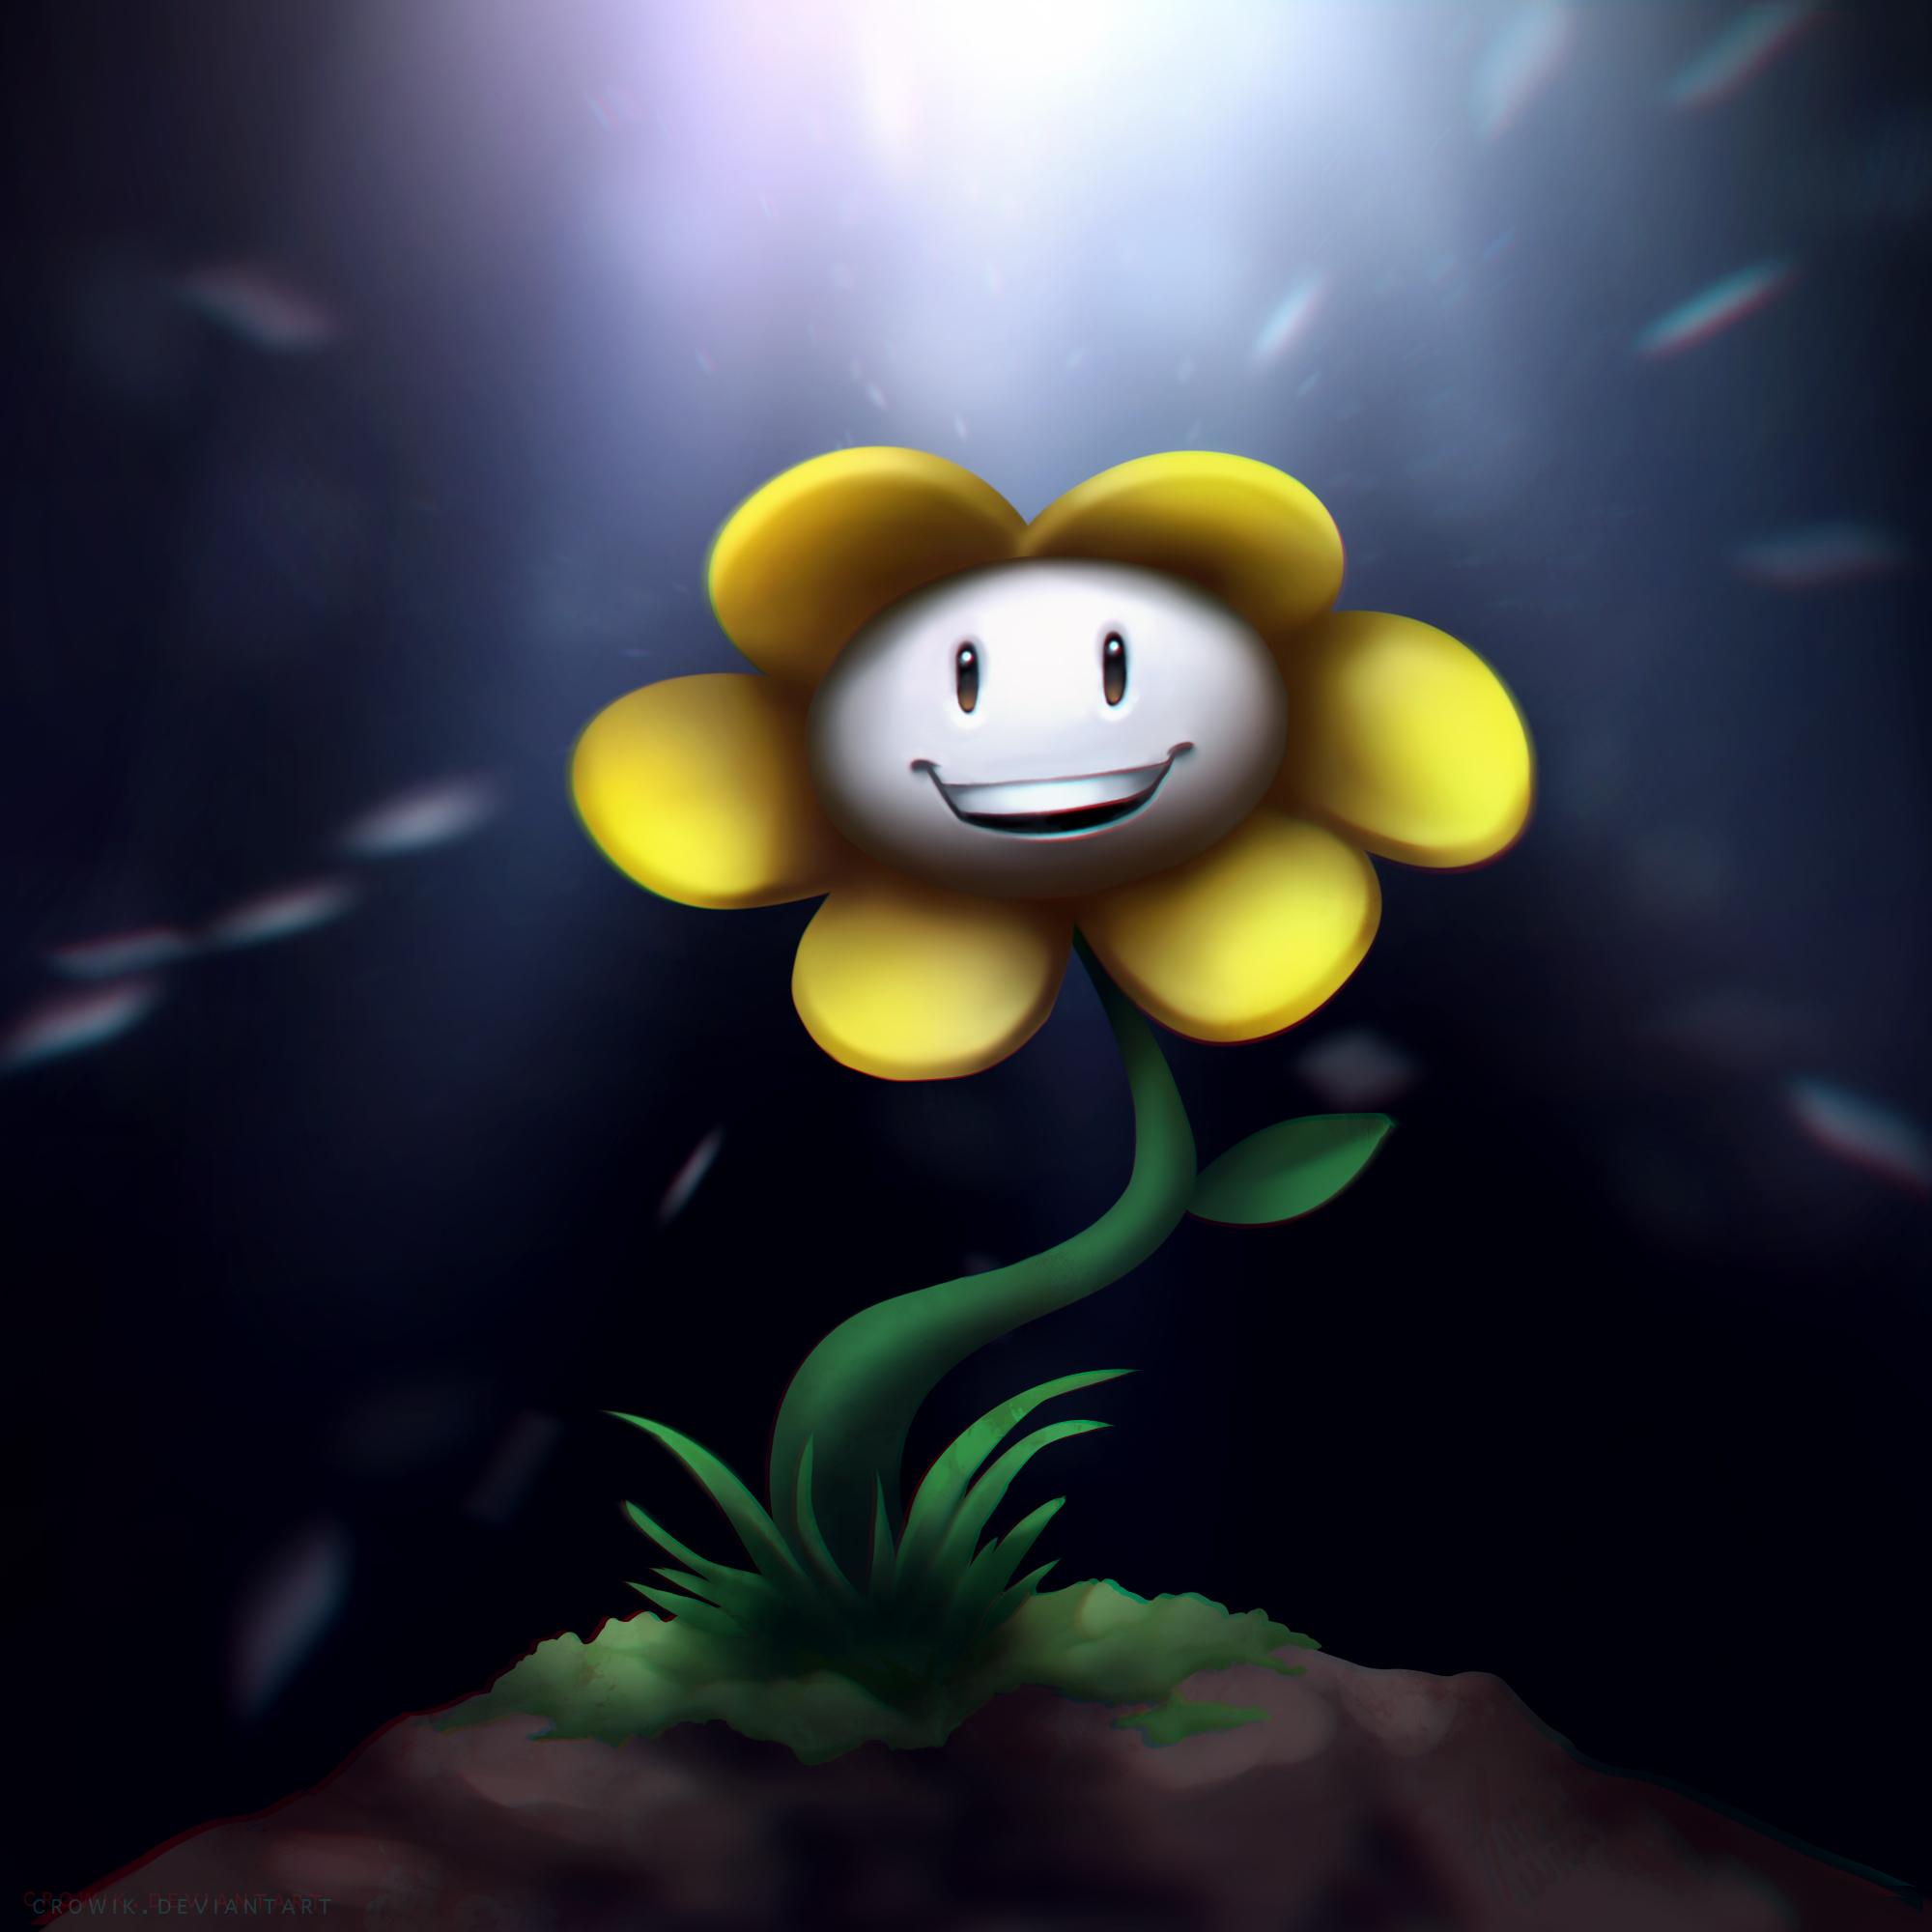 Flowey the flower by Crowik on DeviantArt